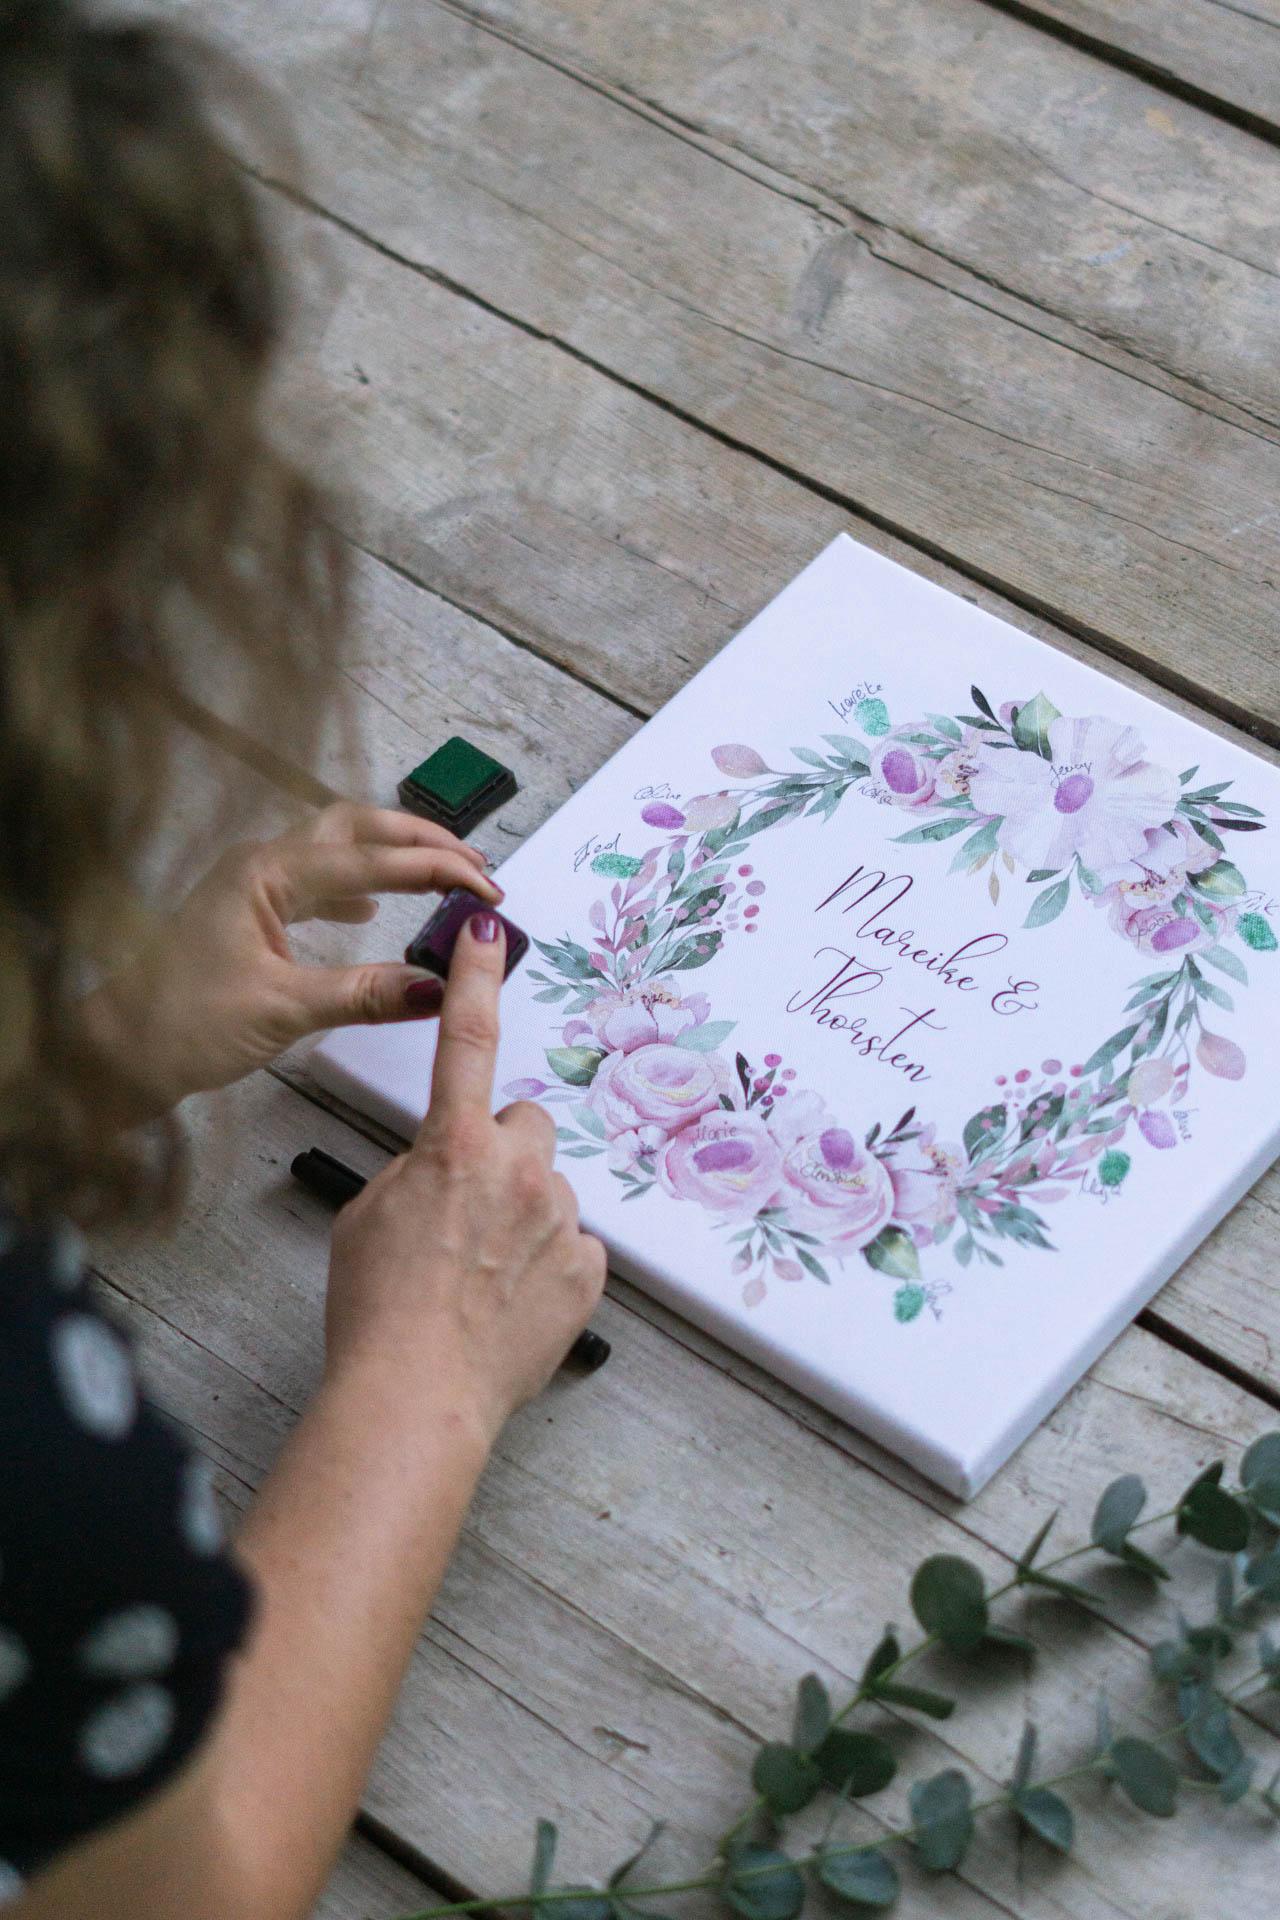 gaestebuch_idee_kleine_hochzeit_tiny_wedding_leinwand_blumenkranz_h7-1-von-1